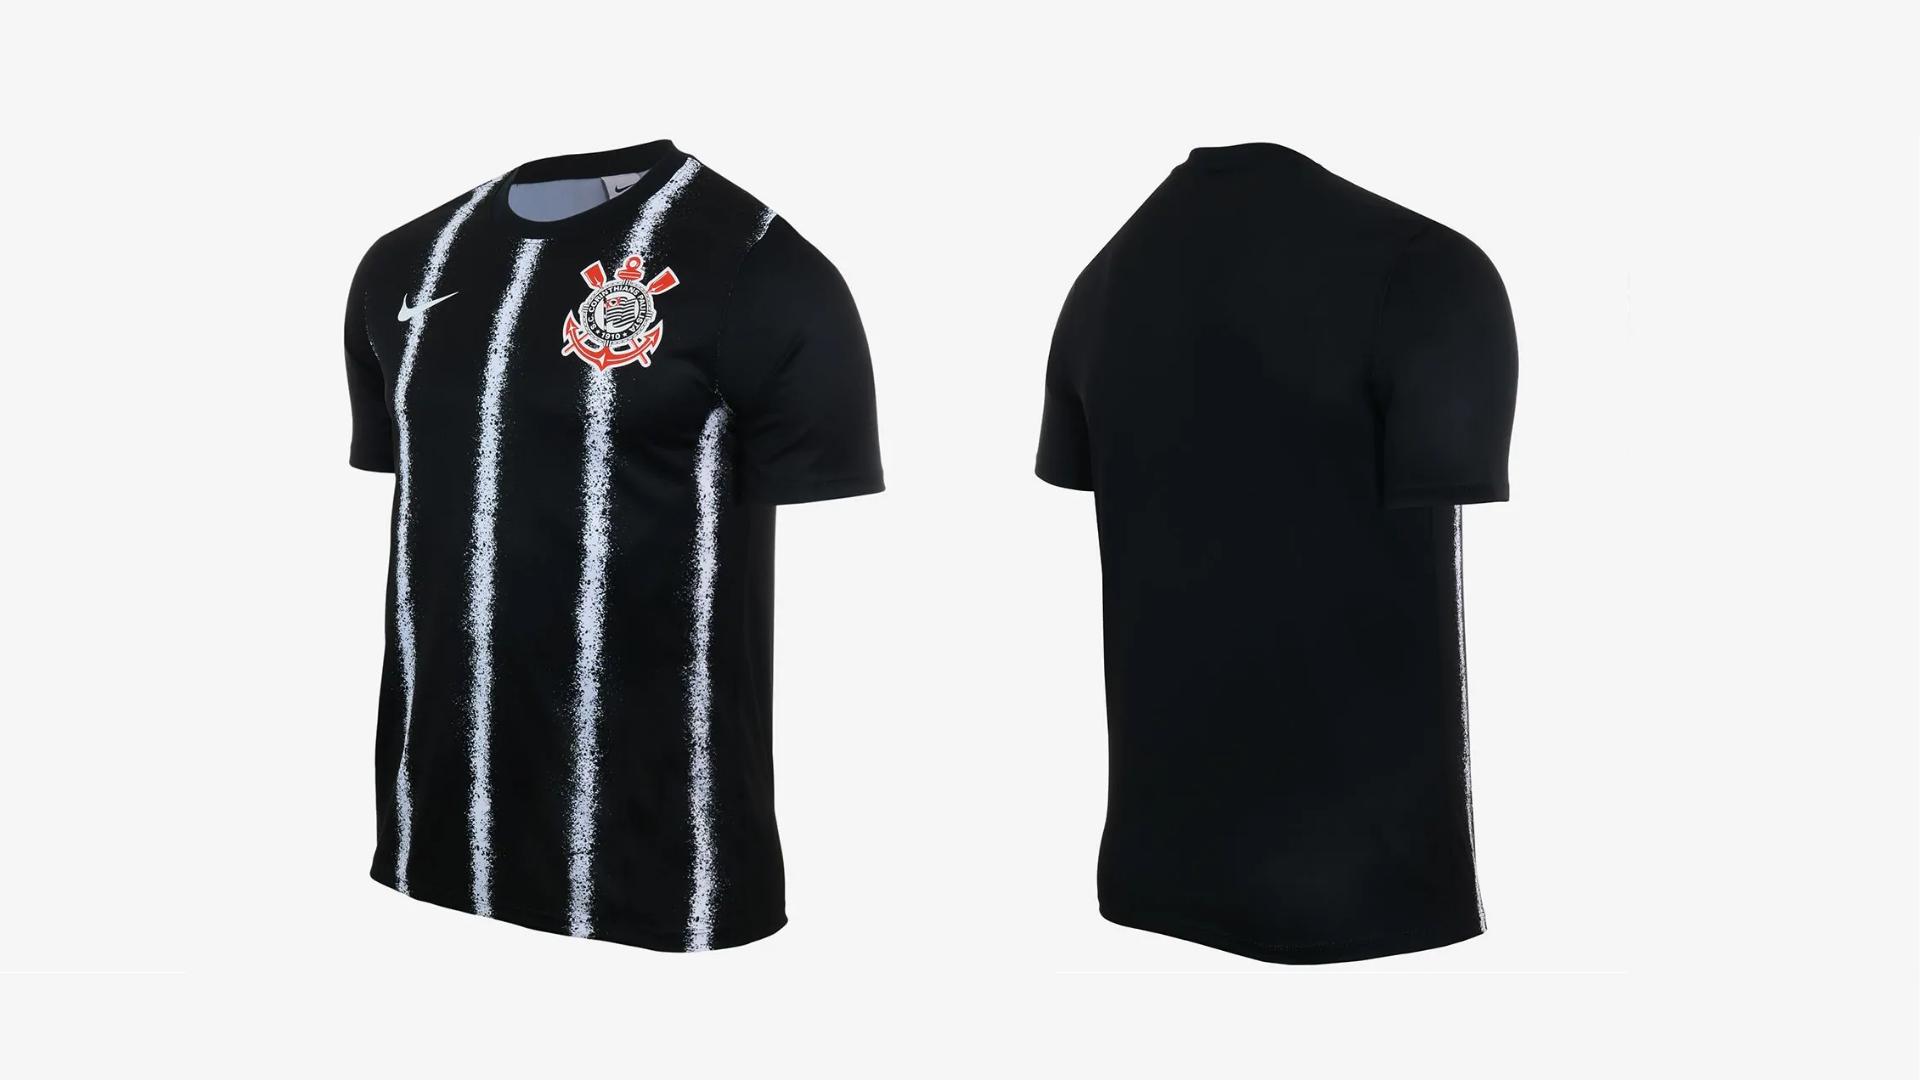 Camisa do Corinthians 2021 (Imagem: Divulgação/Nike)